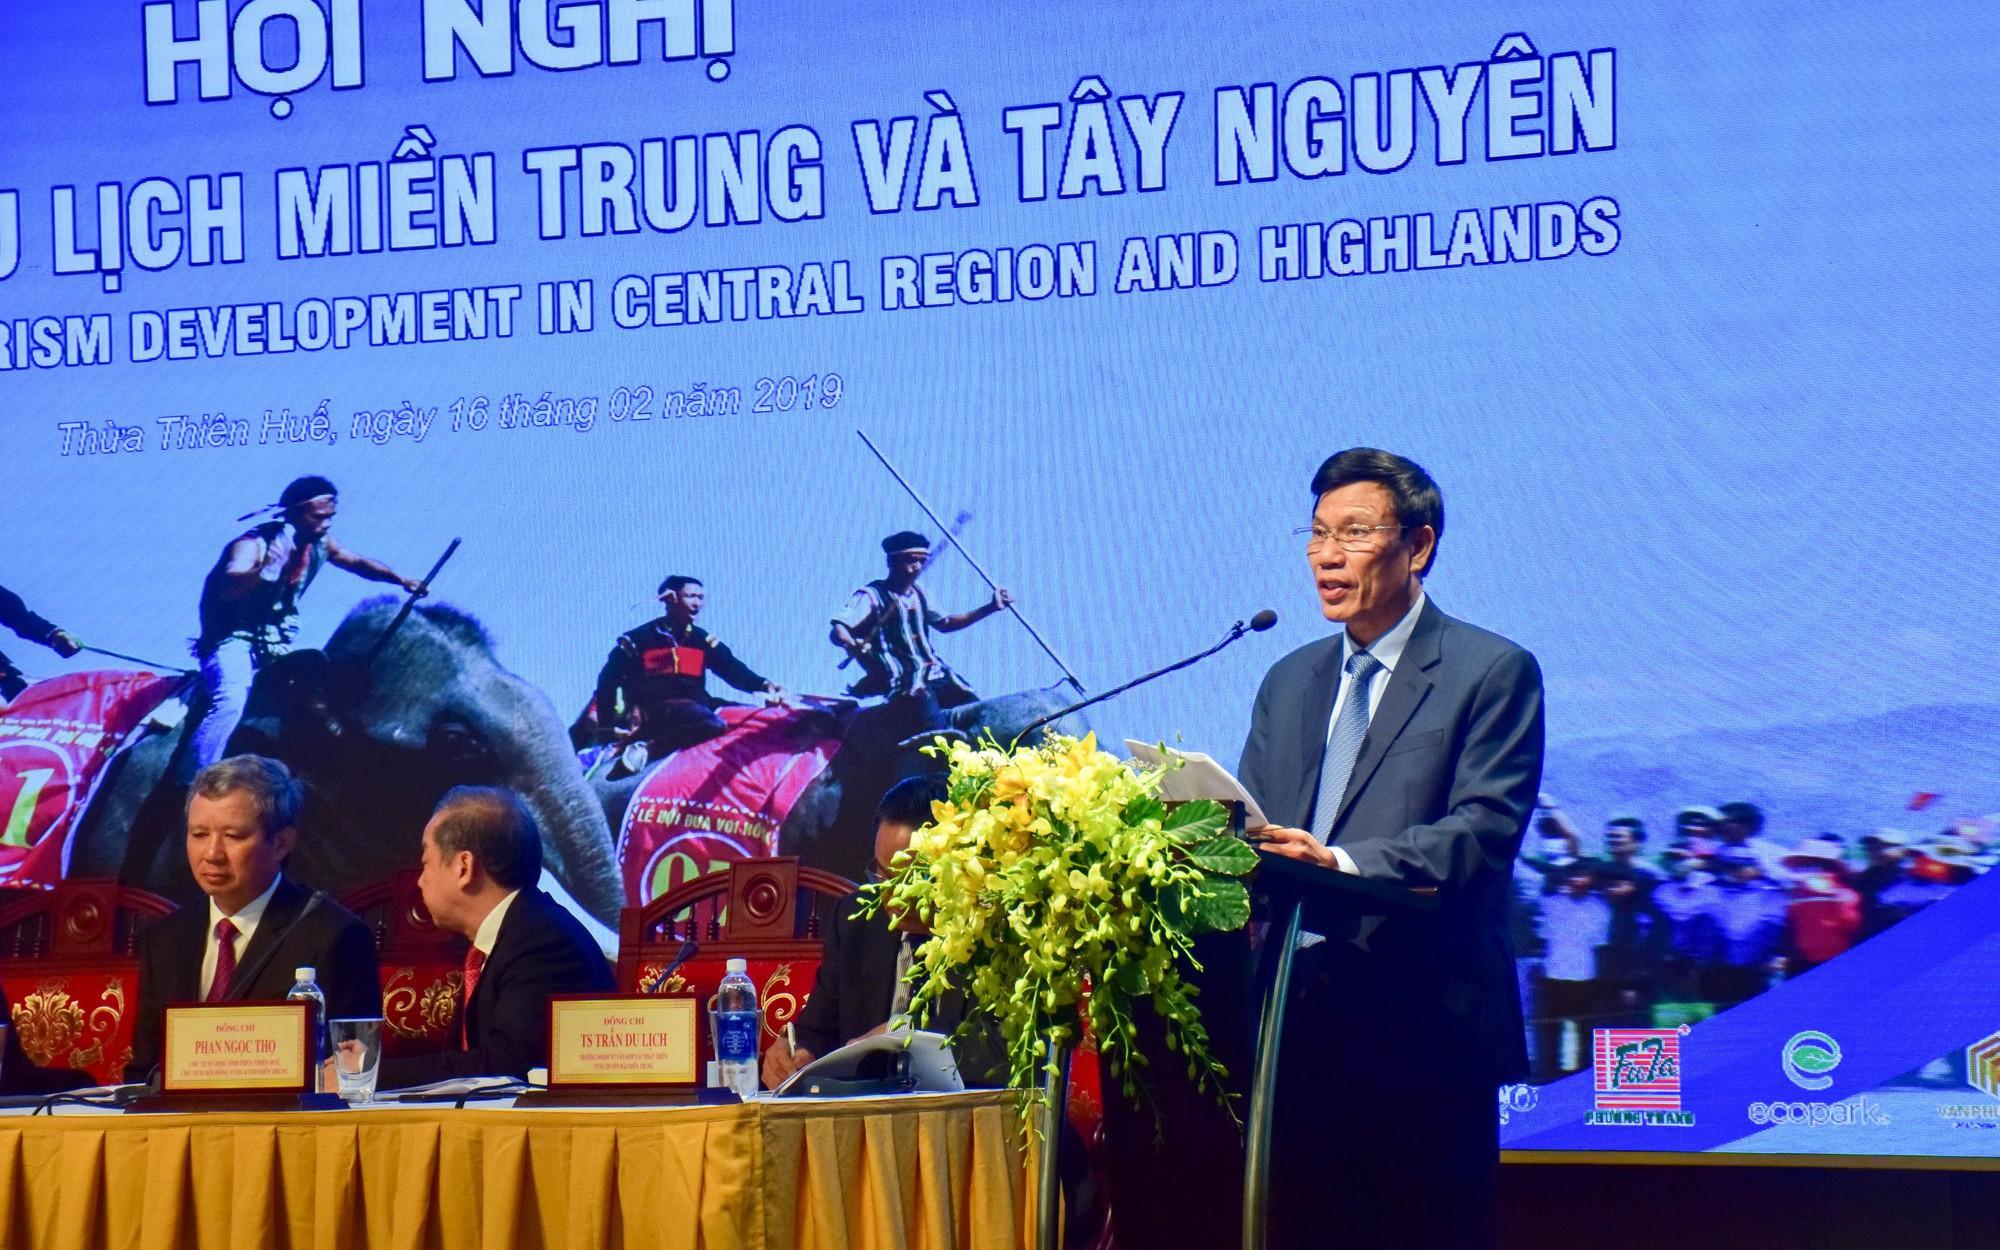 Bộ trưởng Nguyễn Ngọc Thiện nêu 9 giải pháp đưa miền Trung - Tây Nguyên thành vùng du lịch động lực